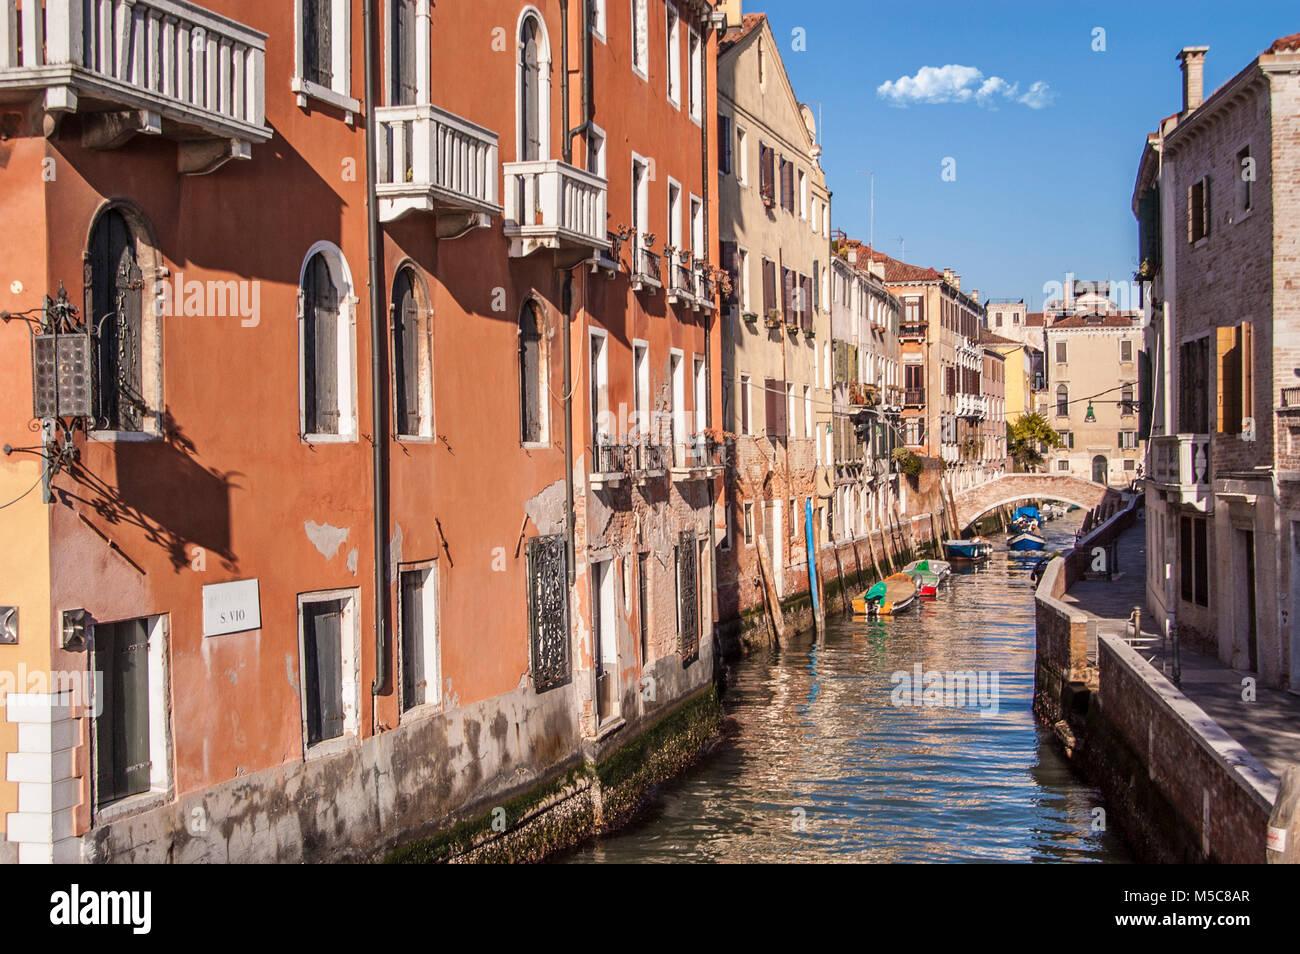 Venise, Canal, dans Fondamenta Zattere allo Spirito Santo Photo Stock